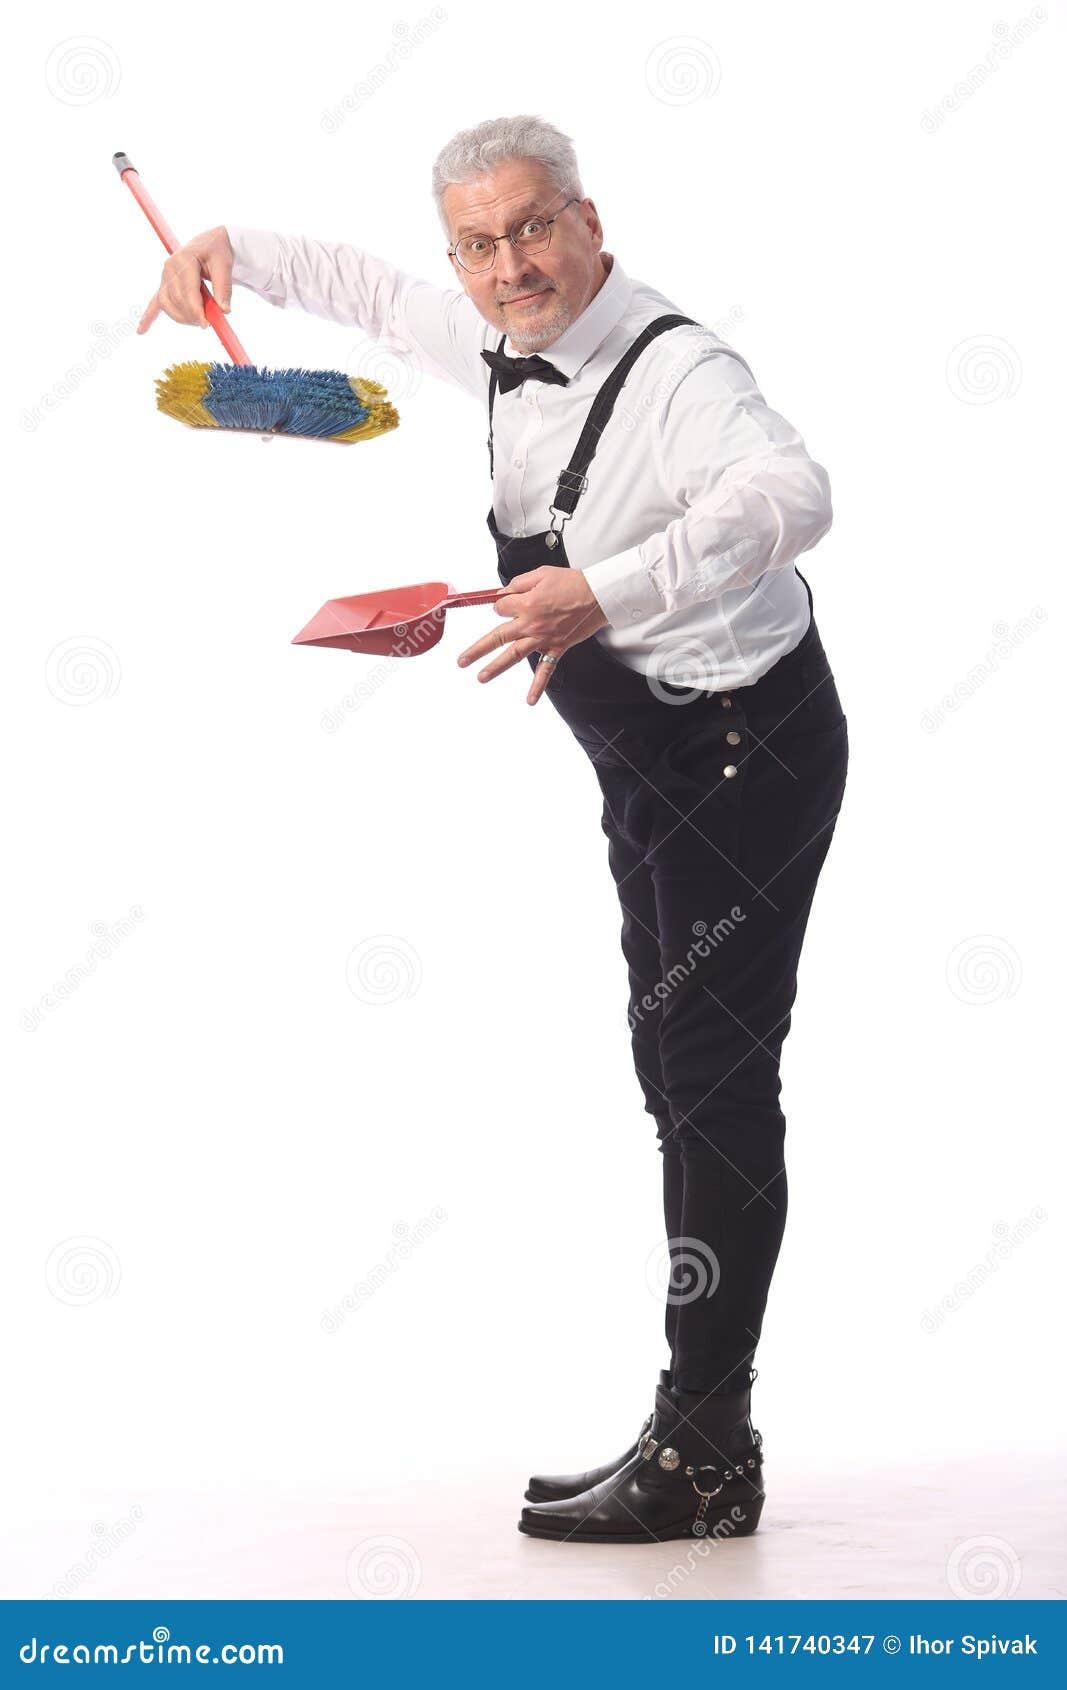 Седой уборщик, привратник в черном комбинезоне с mop и dustpan обеспечивают уборку, на белой предпосылке